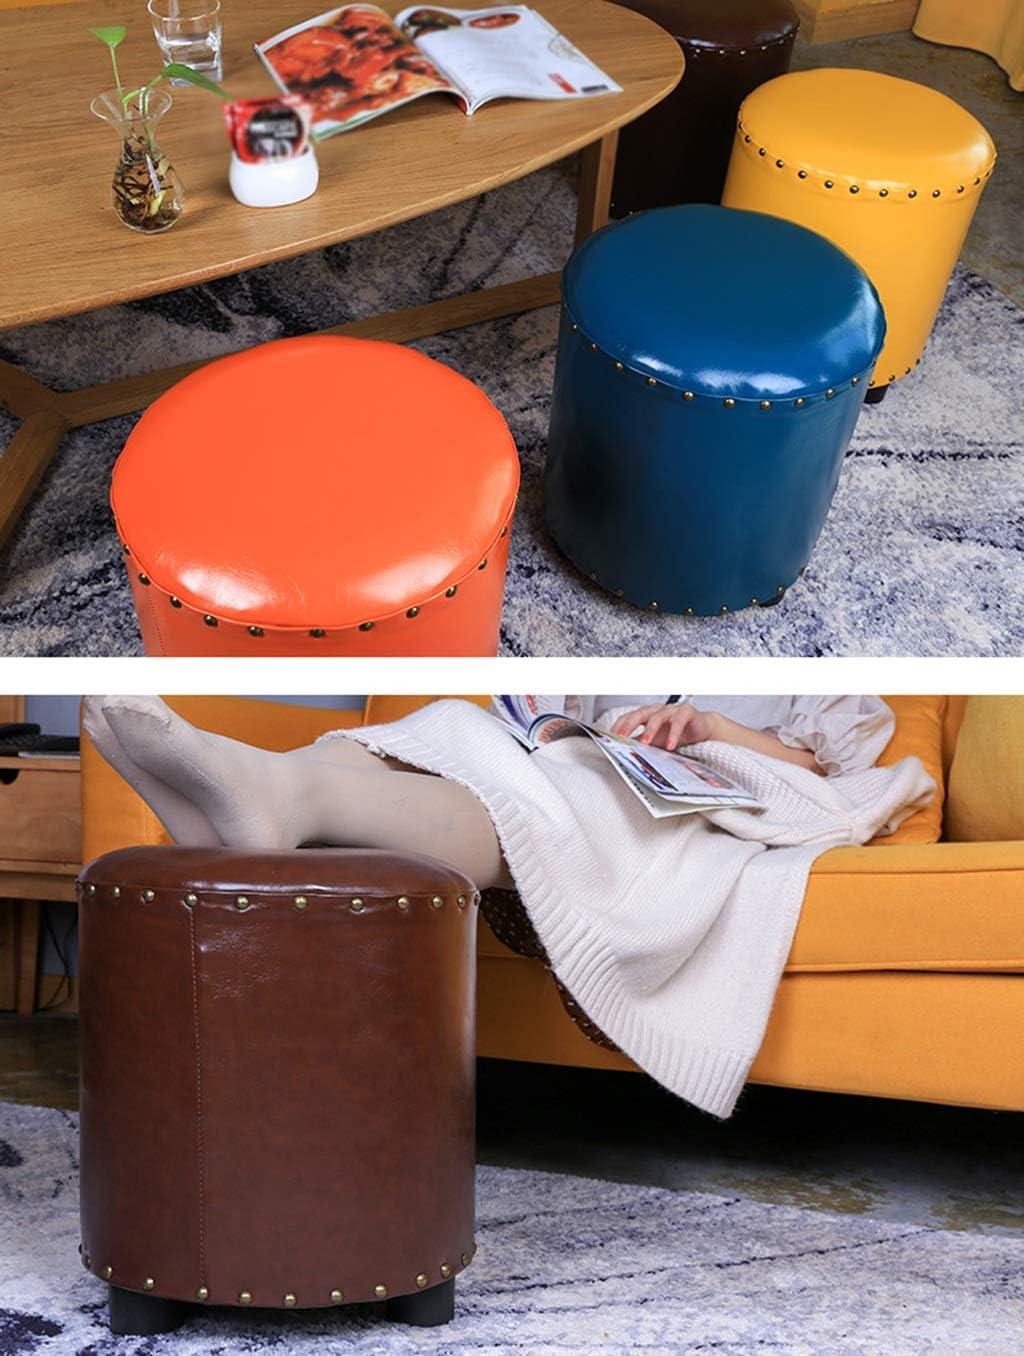 Annp Runde Dressing hocker, Schlafzimmer pu Low hocker hocker Wohnzimmer kreative holzrahmen ändern die schuhbank, 34 * 40 cm (Farbe : Gelb) Brown